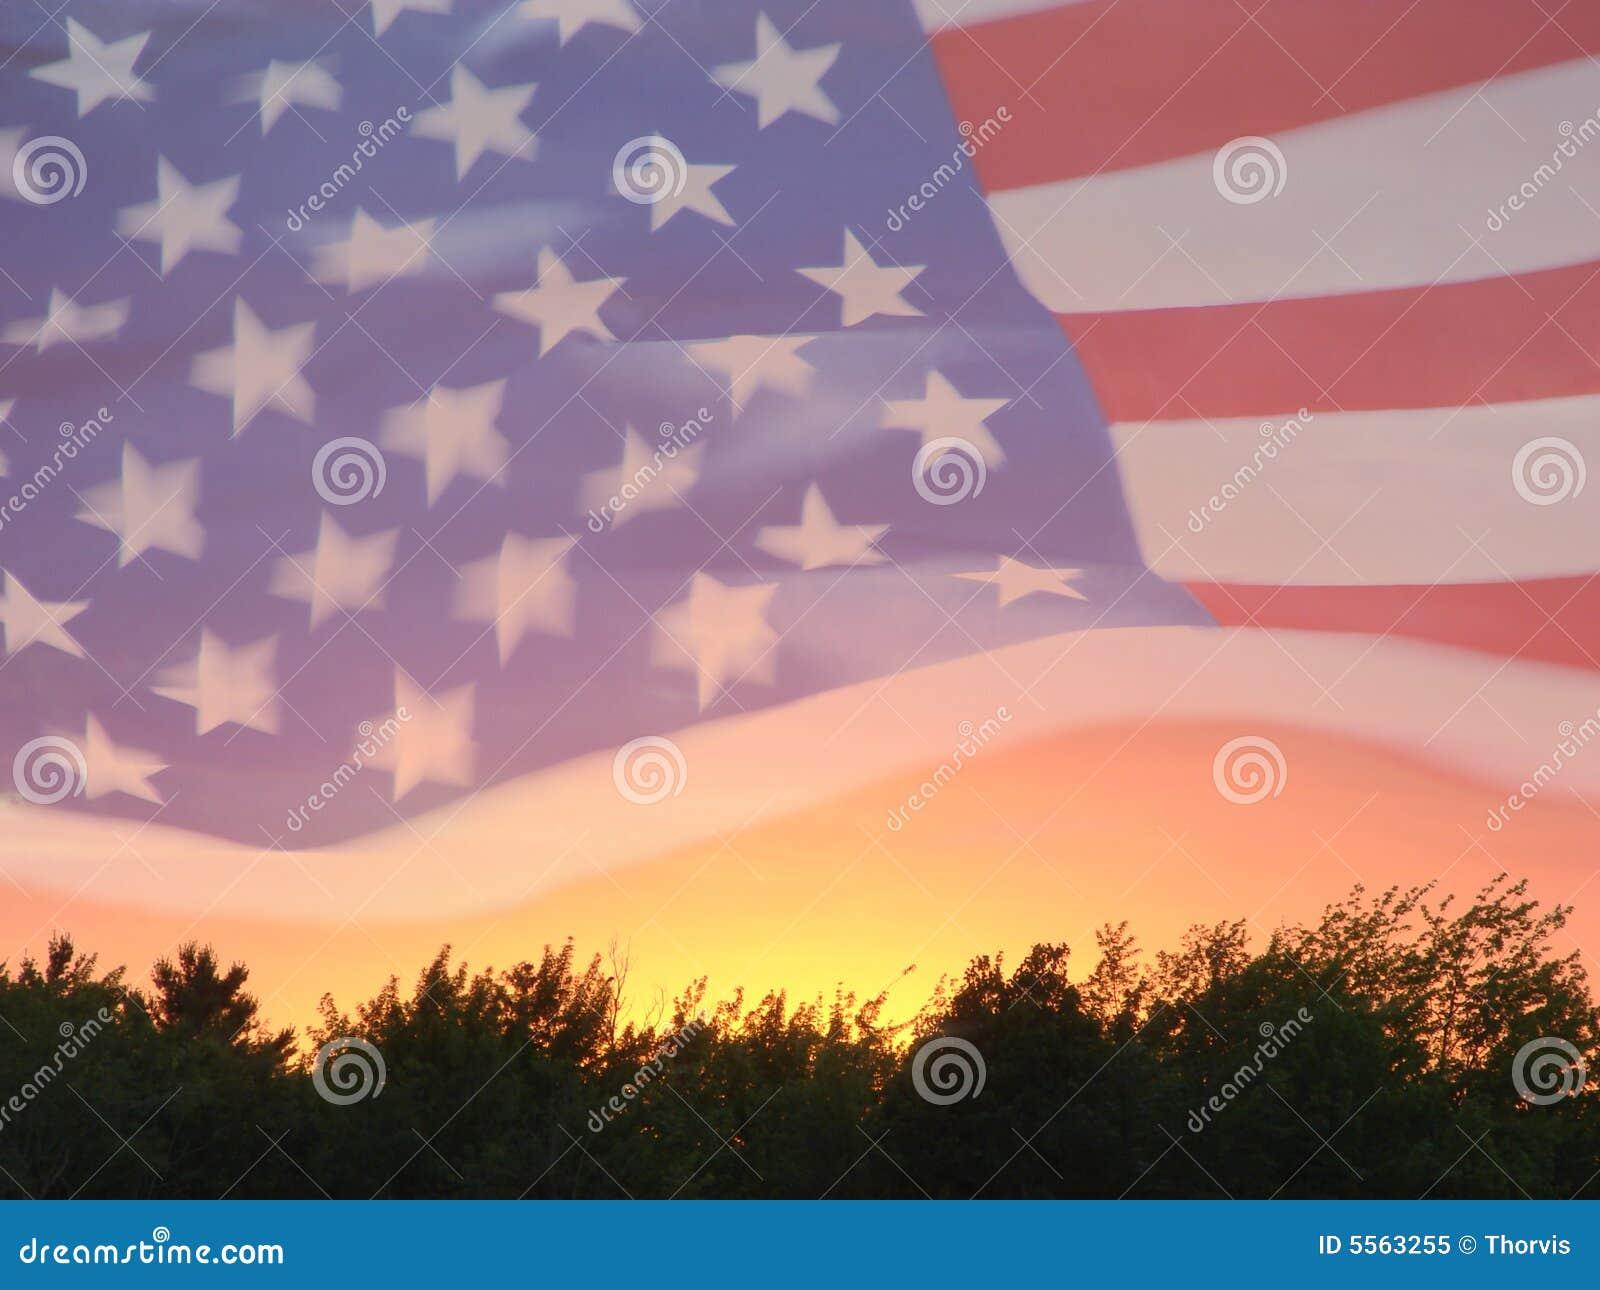 UNITED STATES CODE  US Flag